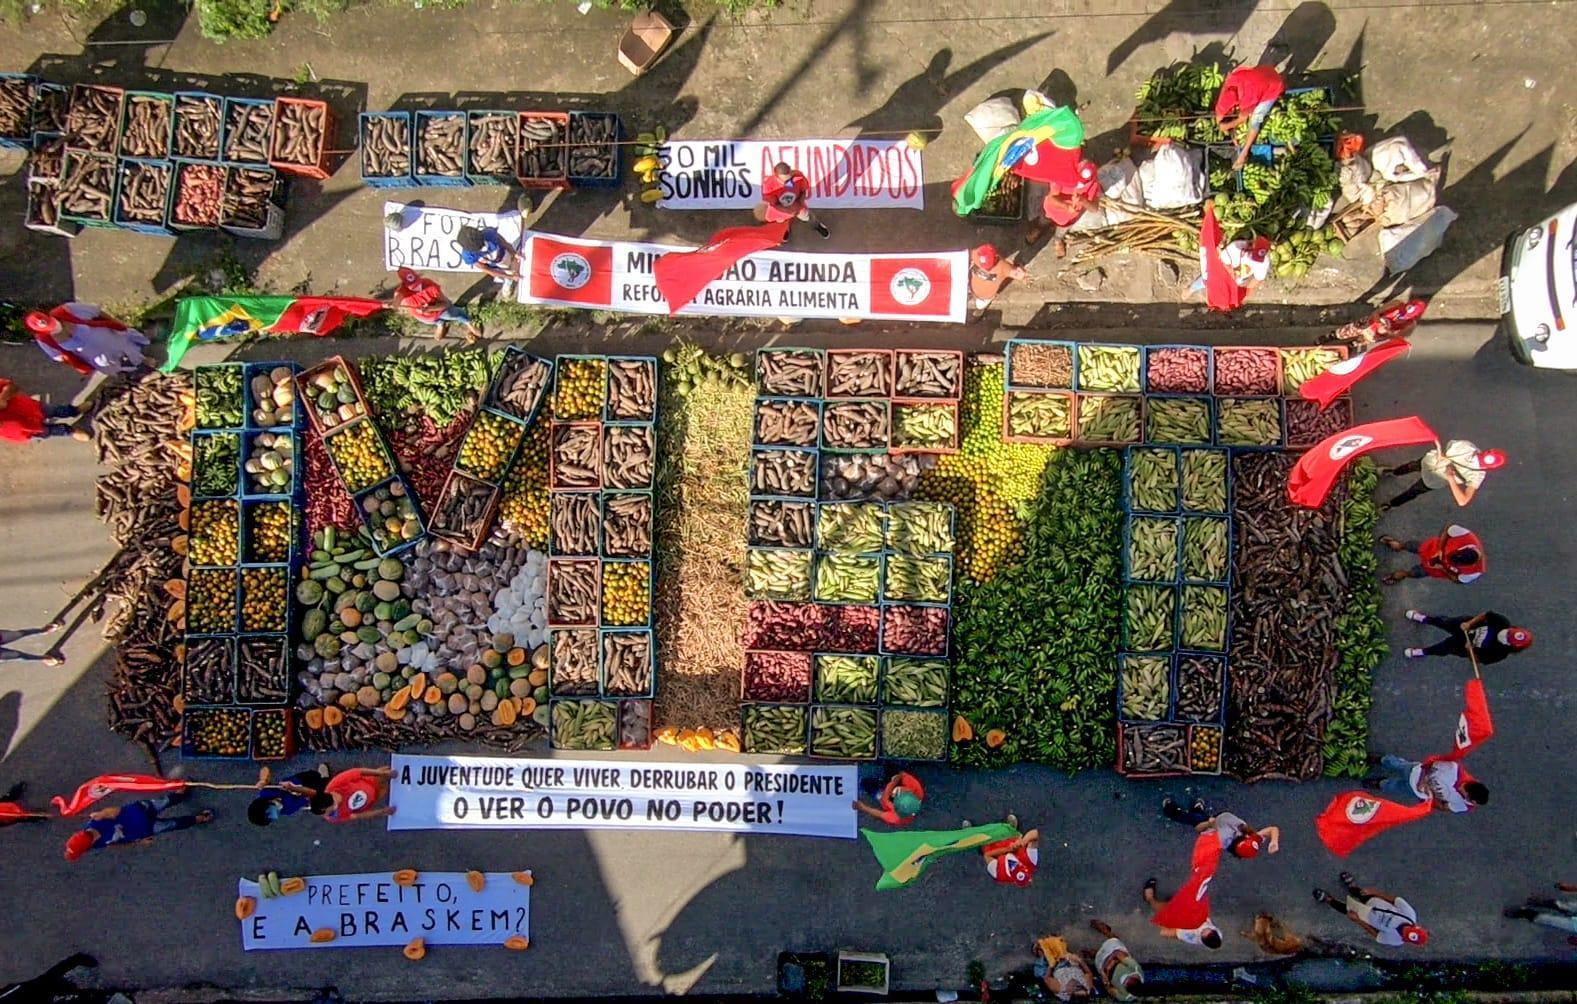 Von unten die Welt verändern: Die Bewegung der landlosen Arbeiter:innen in Brasilien (MST) schickt Grüße an Solidarisch in Gröpelingen